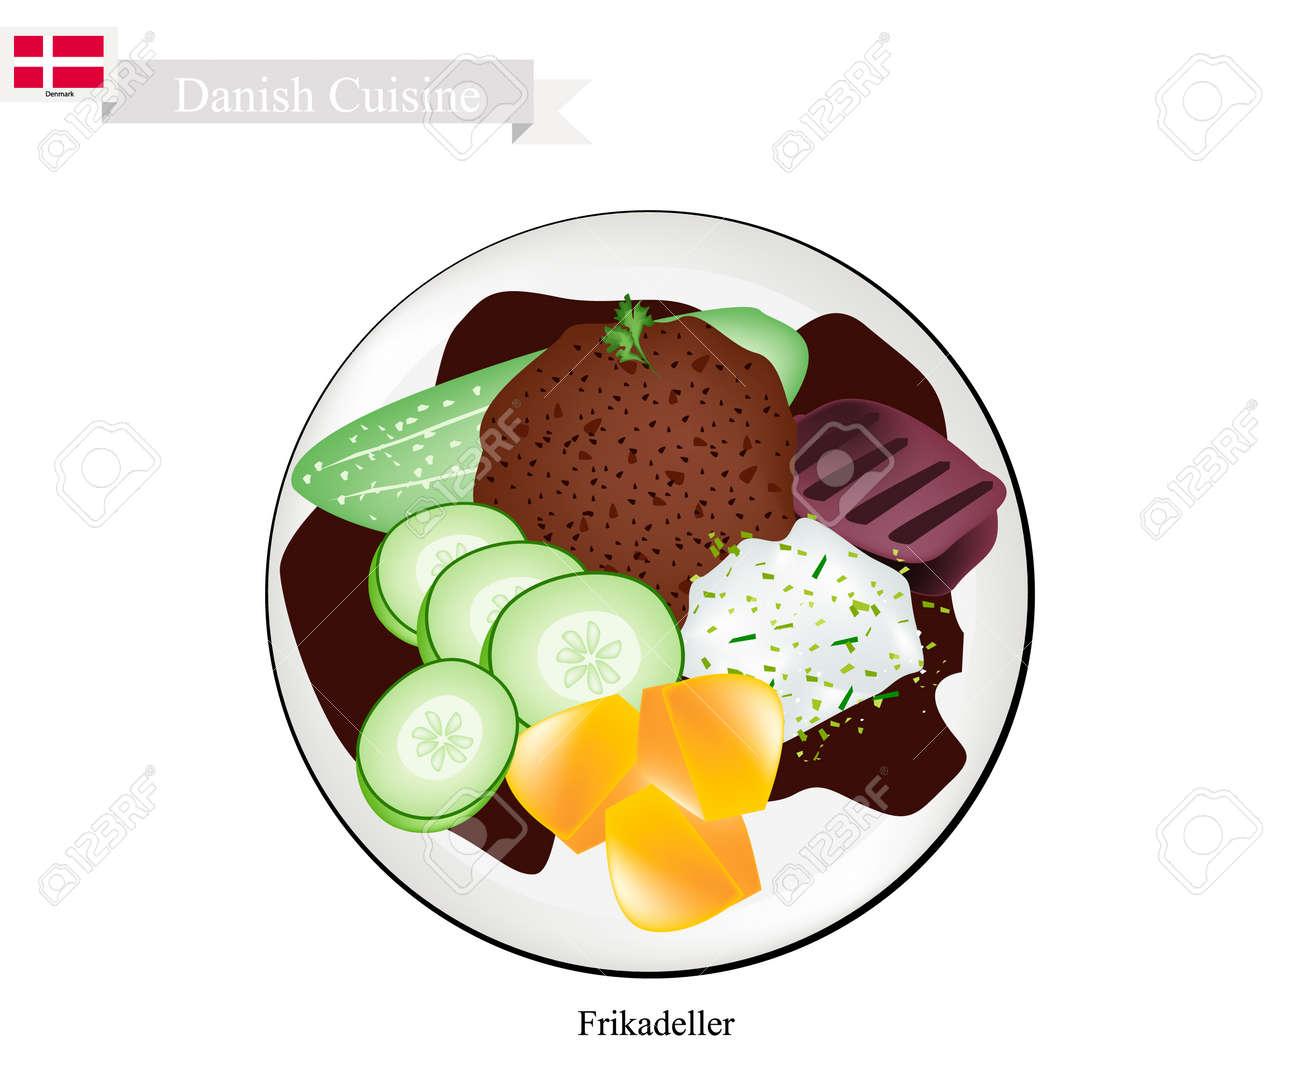 Dänische Küche | Danische Kuche Illustration Von Frikadeller Oder Traditionellem Pan